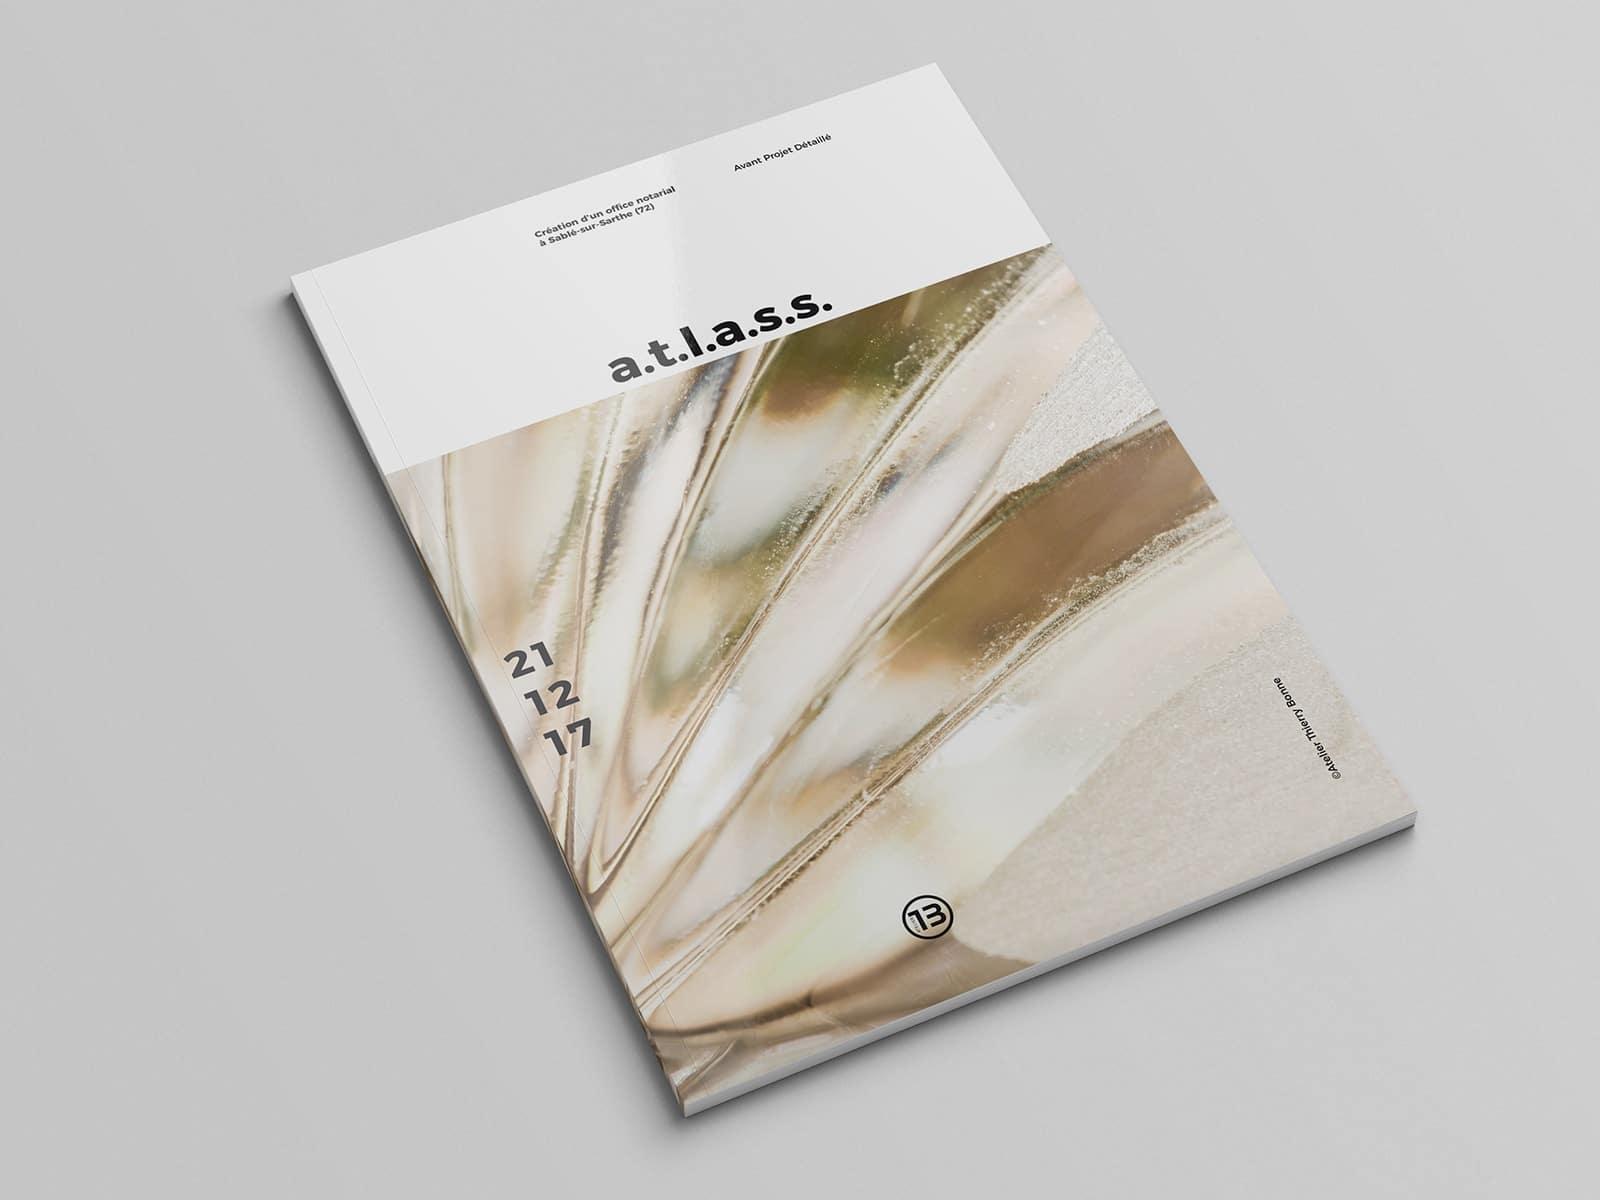 atlass